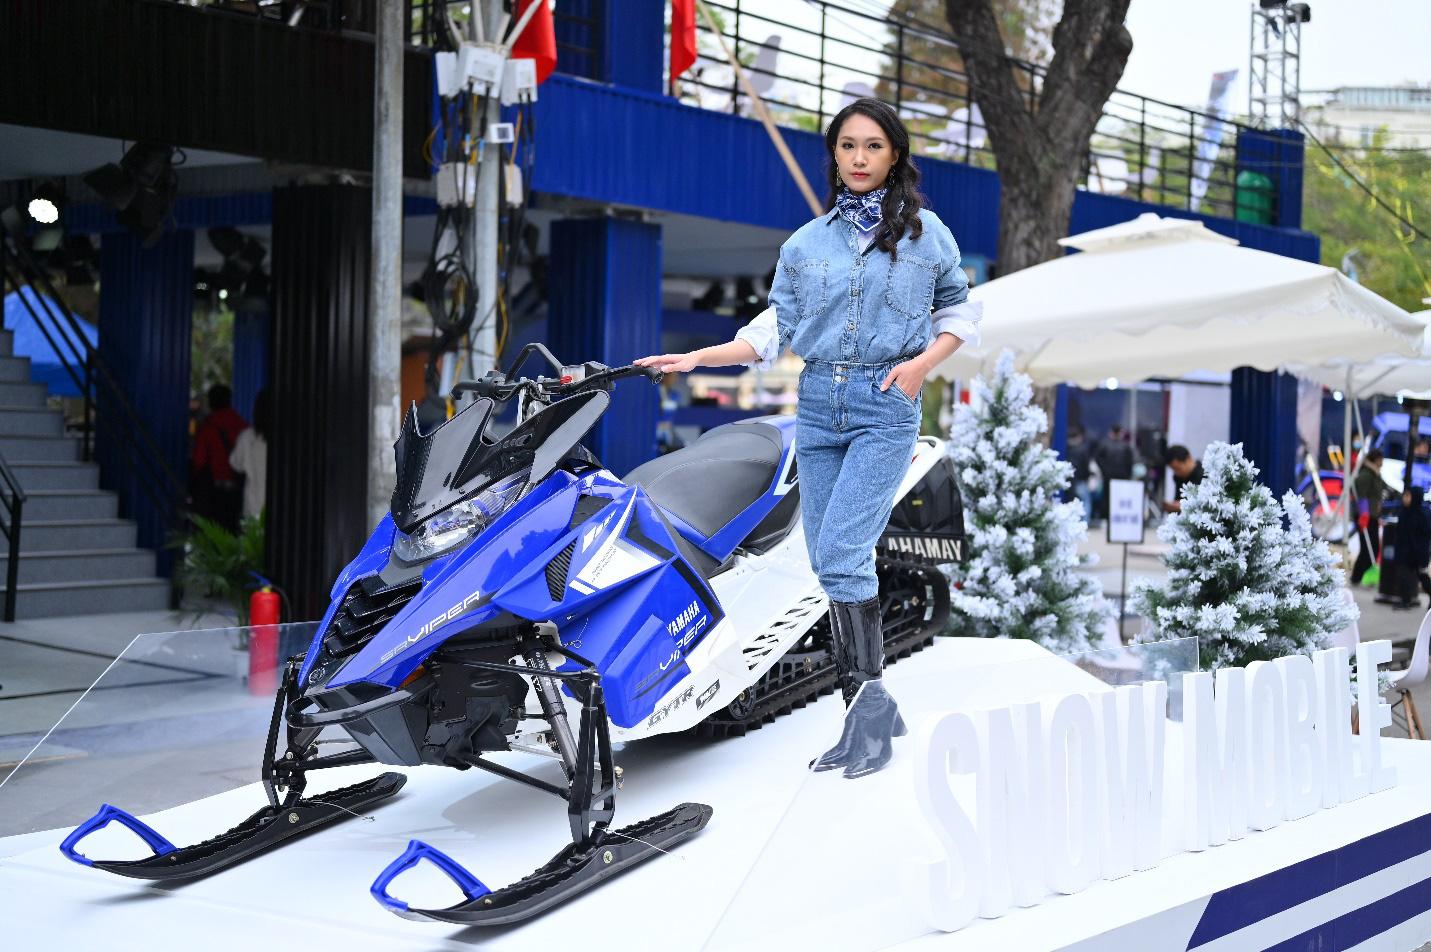 Yamaha Motor tiên phong tạo ra triển lãm motor show theo phong cách riêng chưa từng có tại Việt Nam - Ảnh 4.